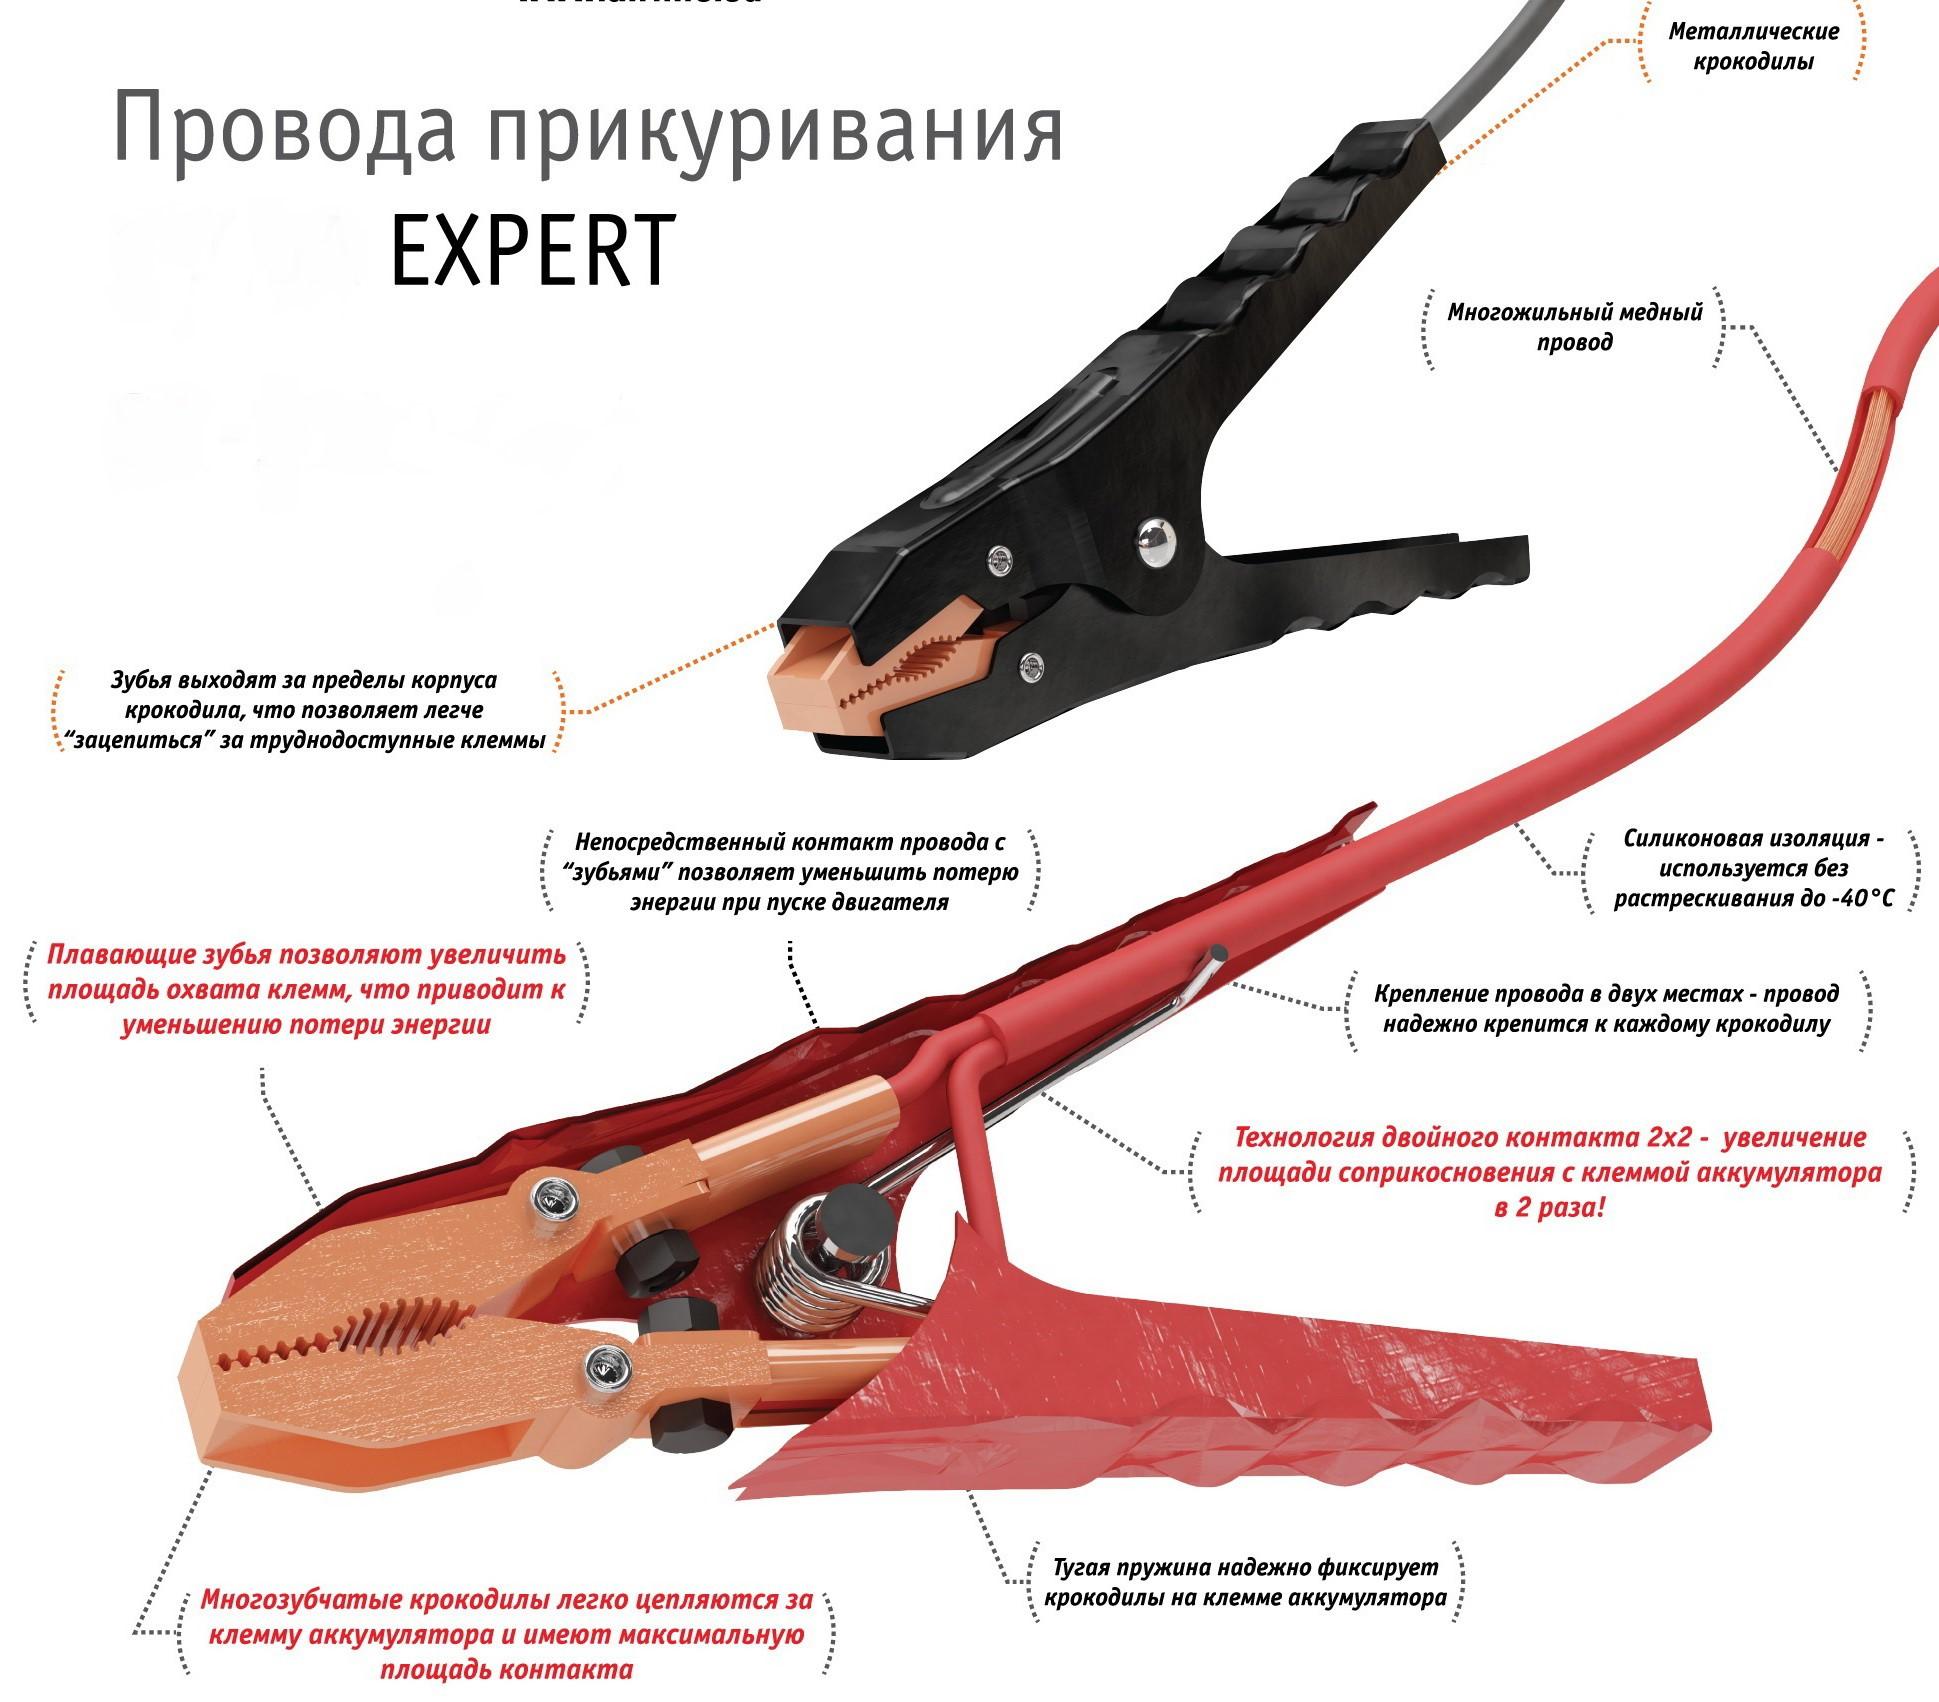 кабель ввг 3 1.5 купить в москве